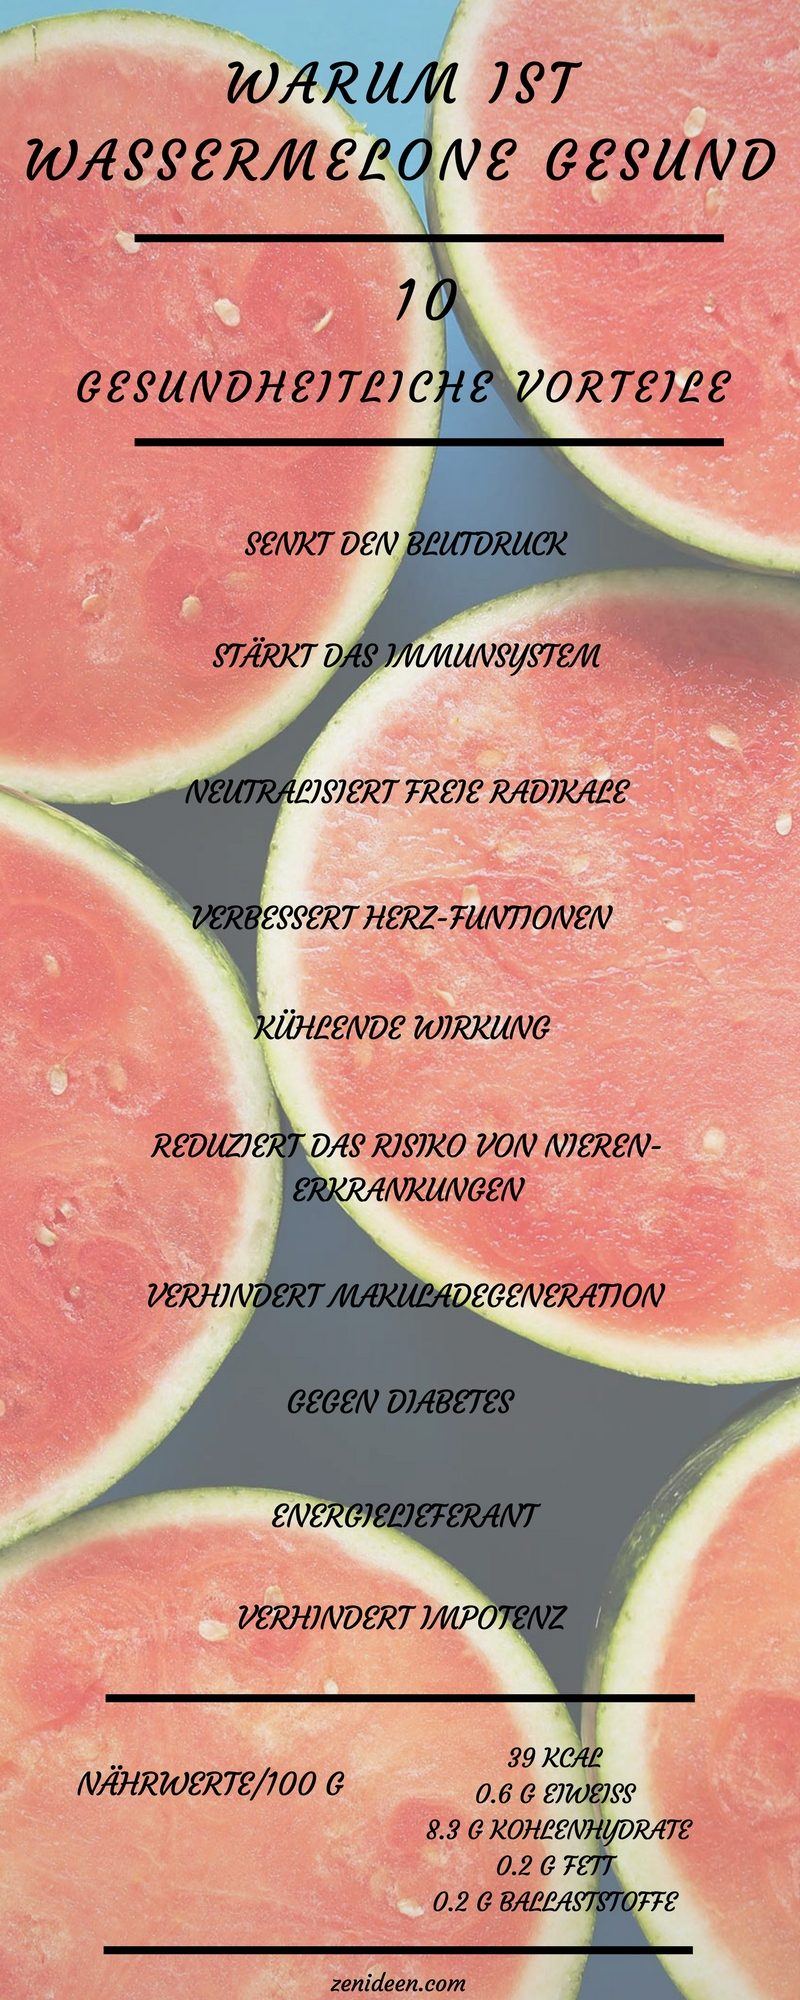 wassermelone gesund ihre vorteile und wassermelonen smoothie rezept gesunde ern hrung. Black Bedroom Furniture Sets. Home Design Ideas